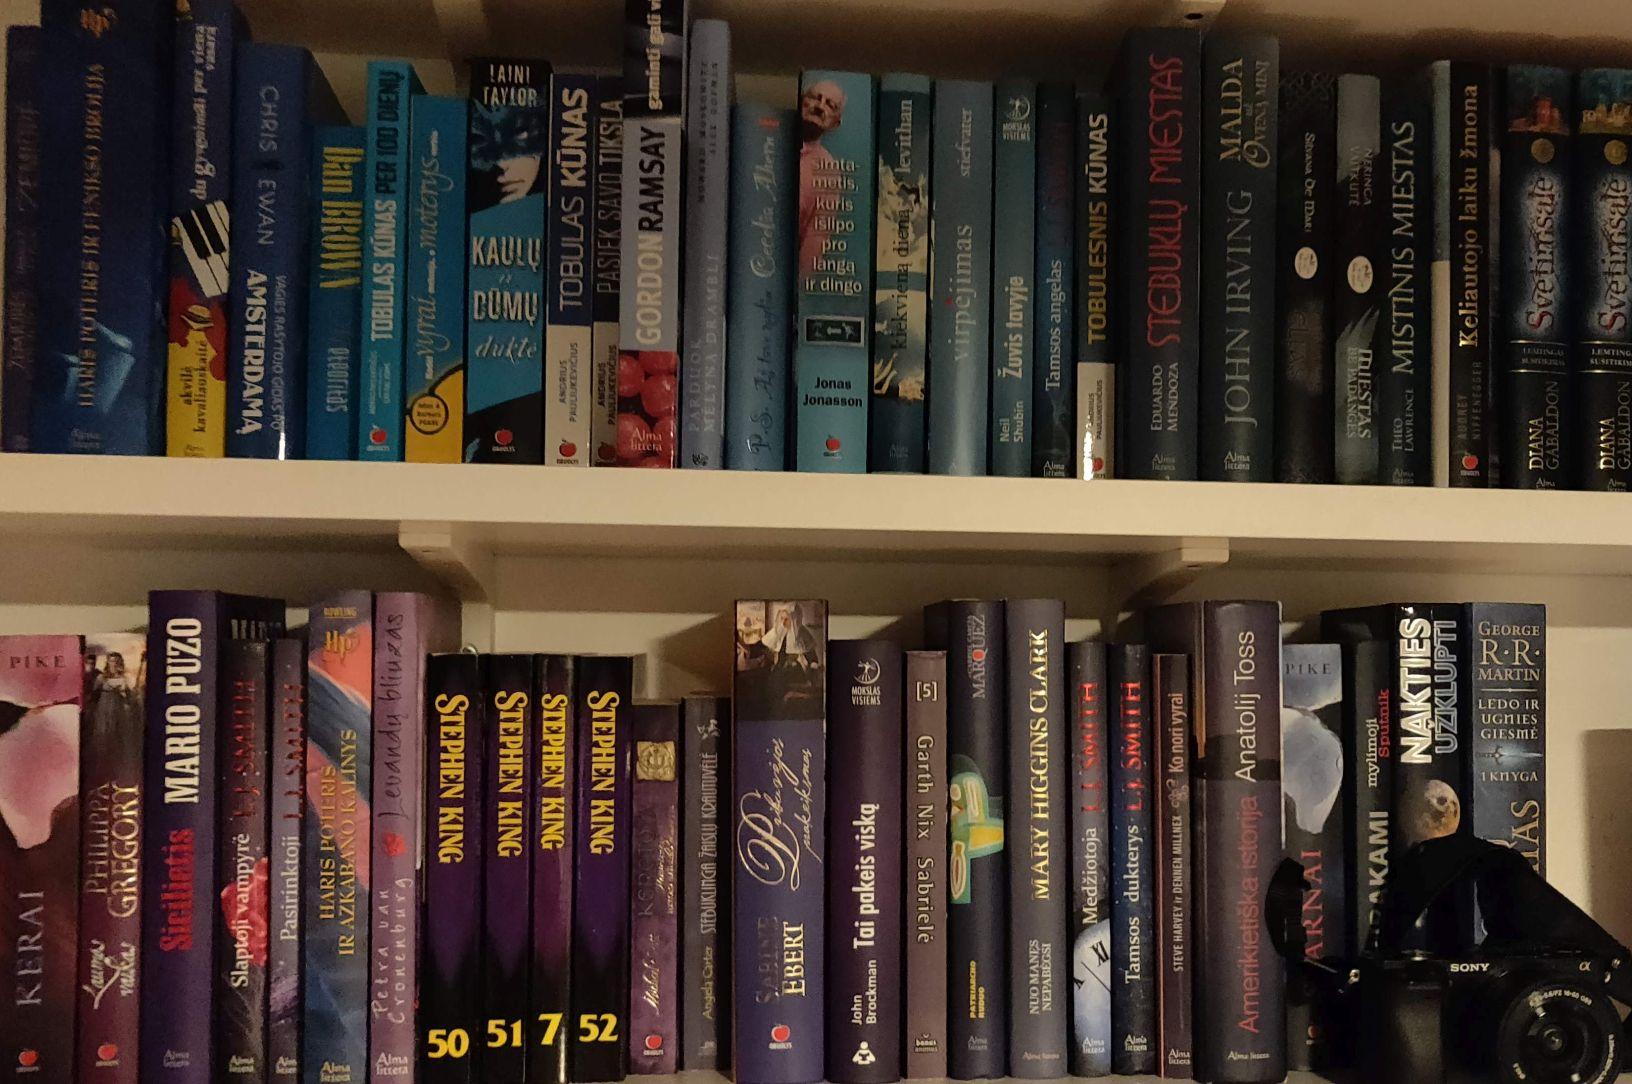 Mano pirmasis knygų katalogas ir knygos, kurias galiu rekomenduoti